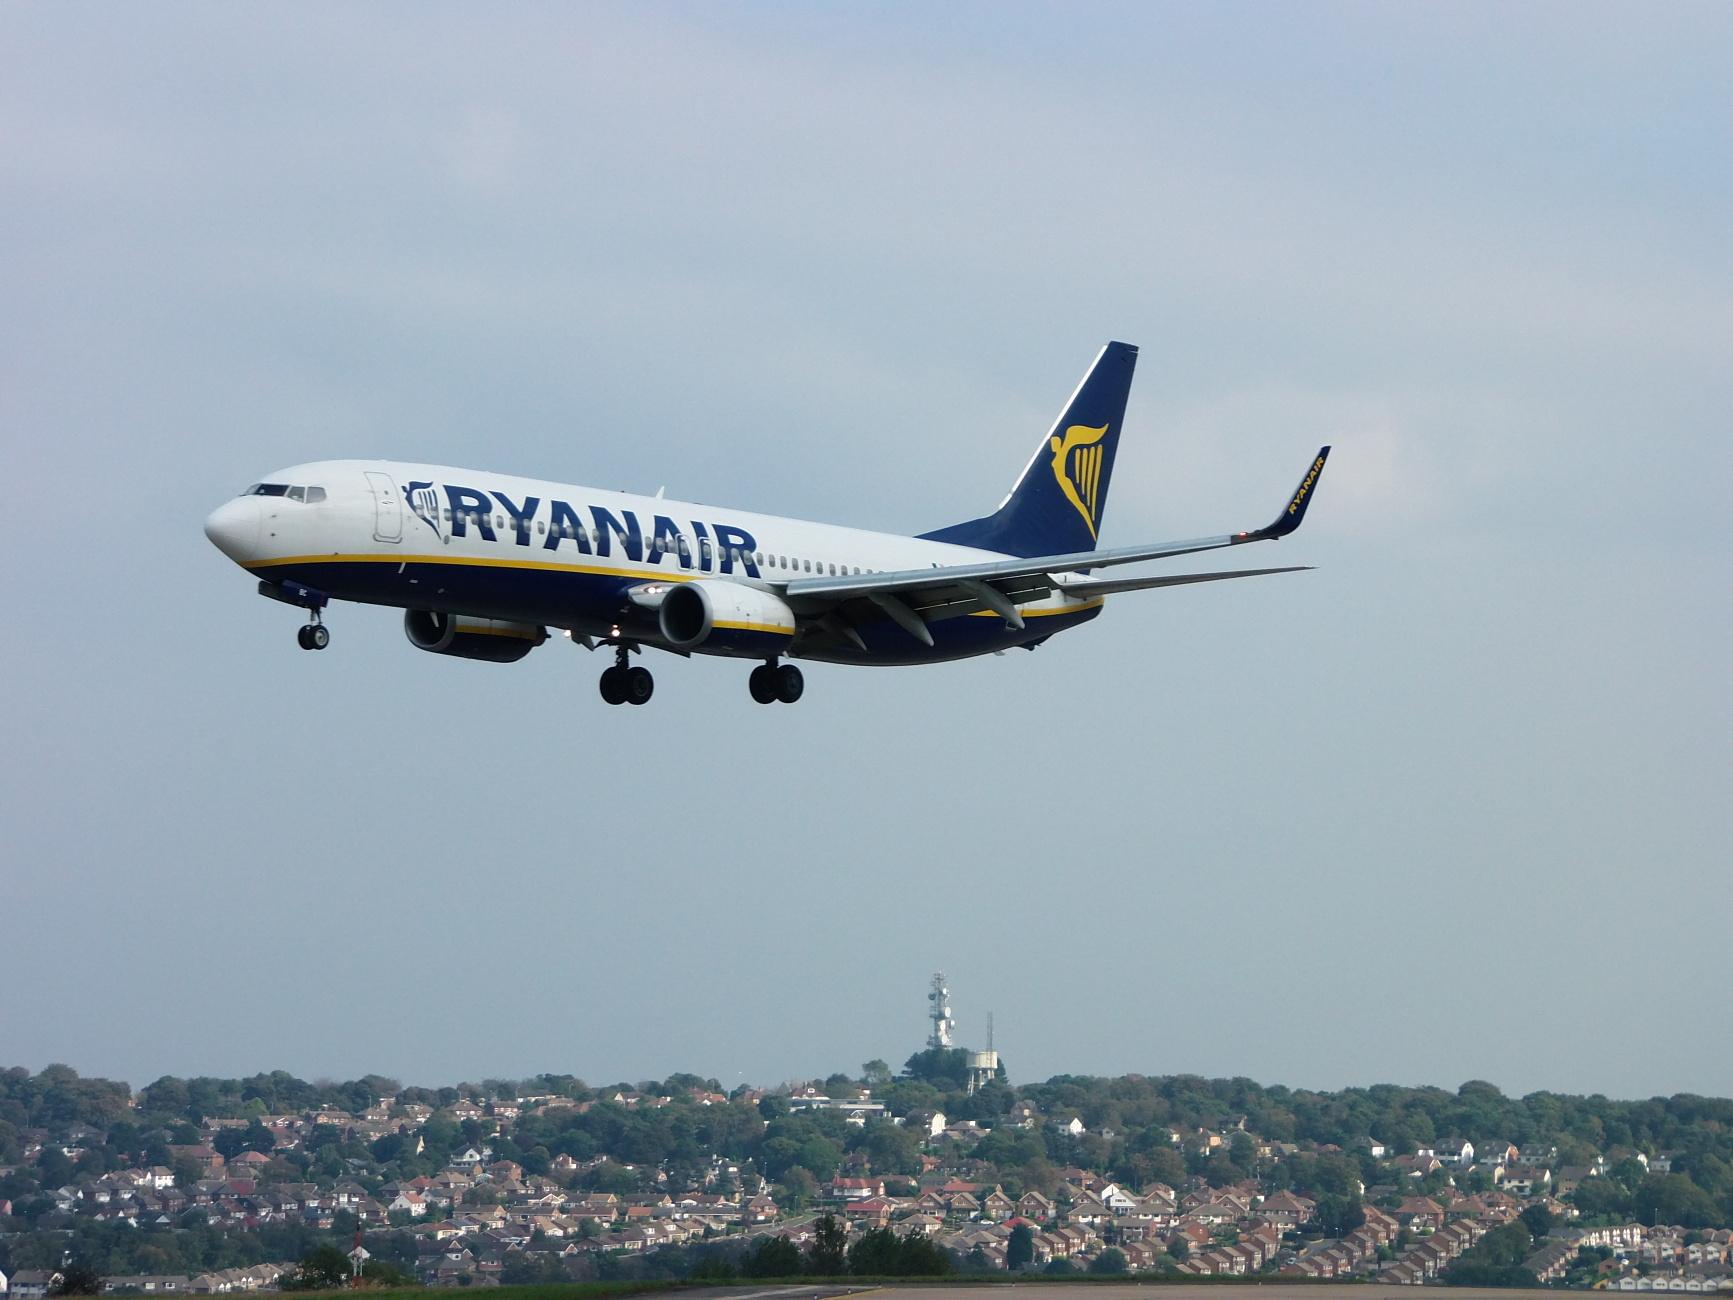 Ryanair - B737-800 Landing At Leeds Bradford Int